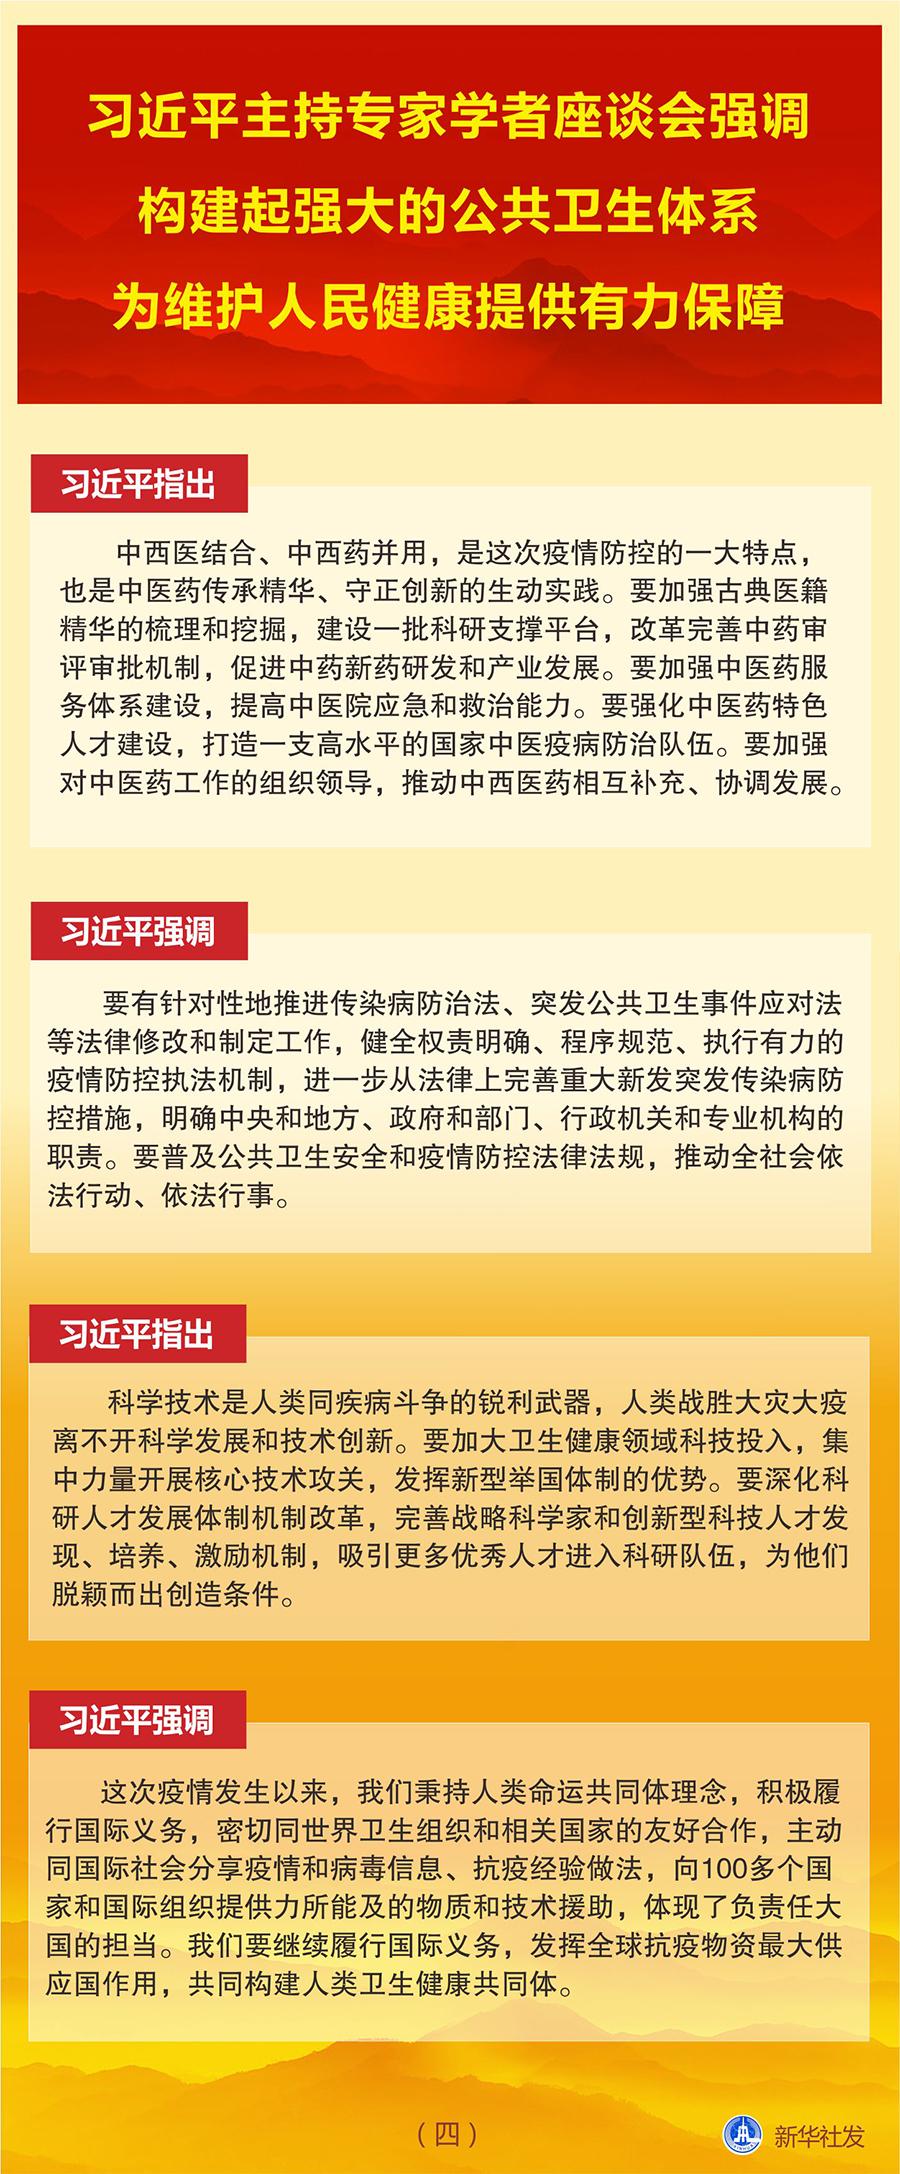 图表:习近平主持专家学者座谈会强调 构建起强大的公共卫生体系 为维护人民健康提供有力保障(四) 新华社发